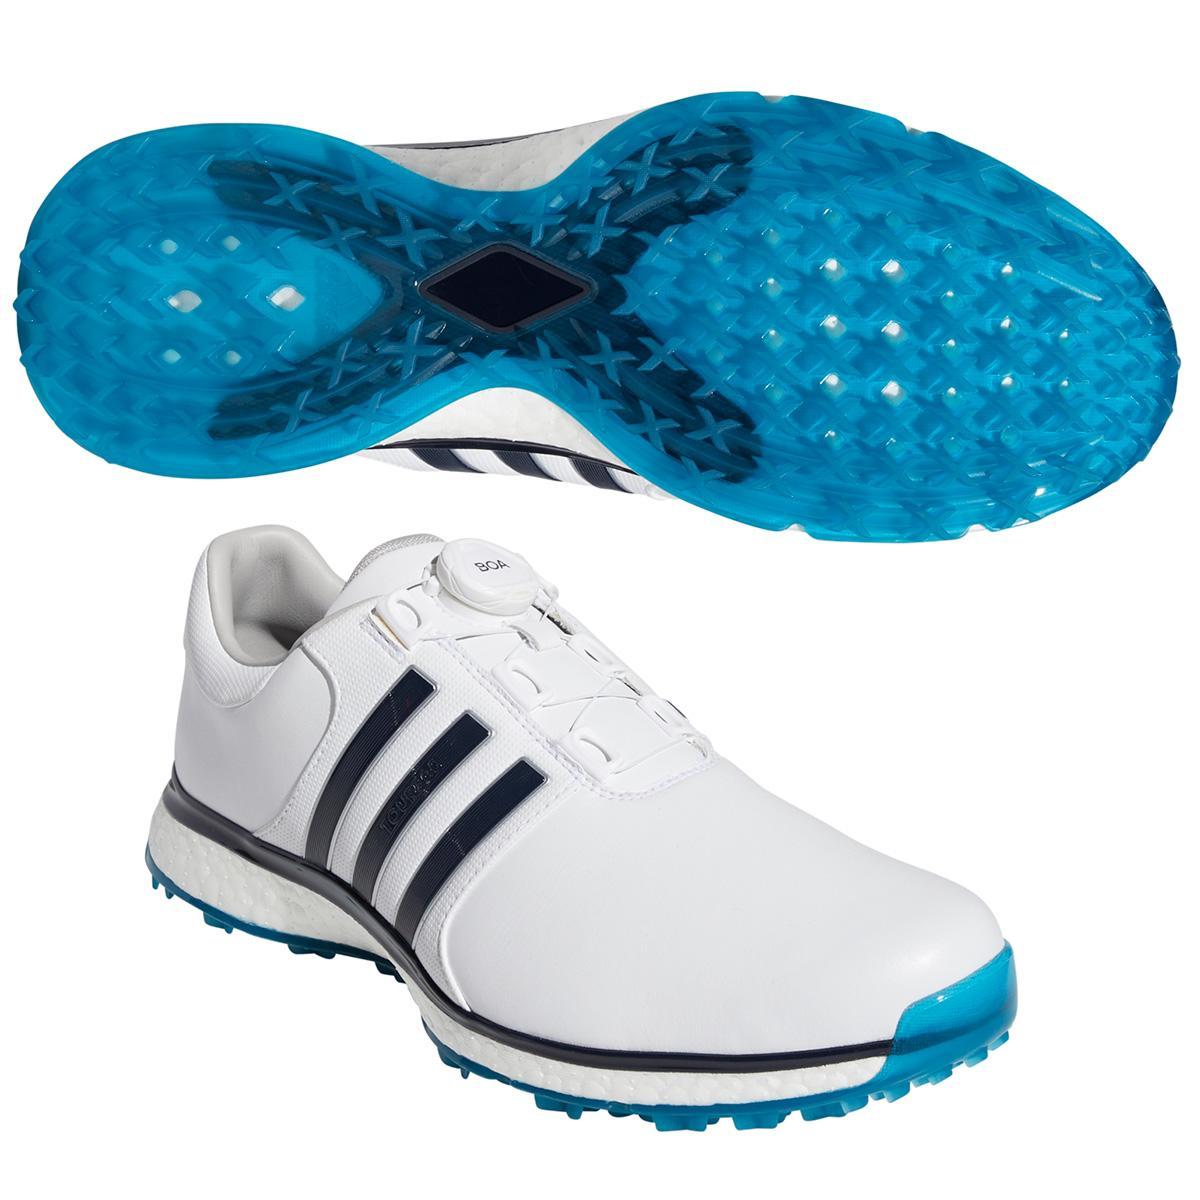 アディダス Adidas ツアー360 XT スパイクレス ボア シューズ